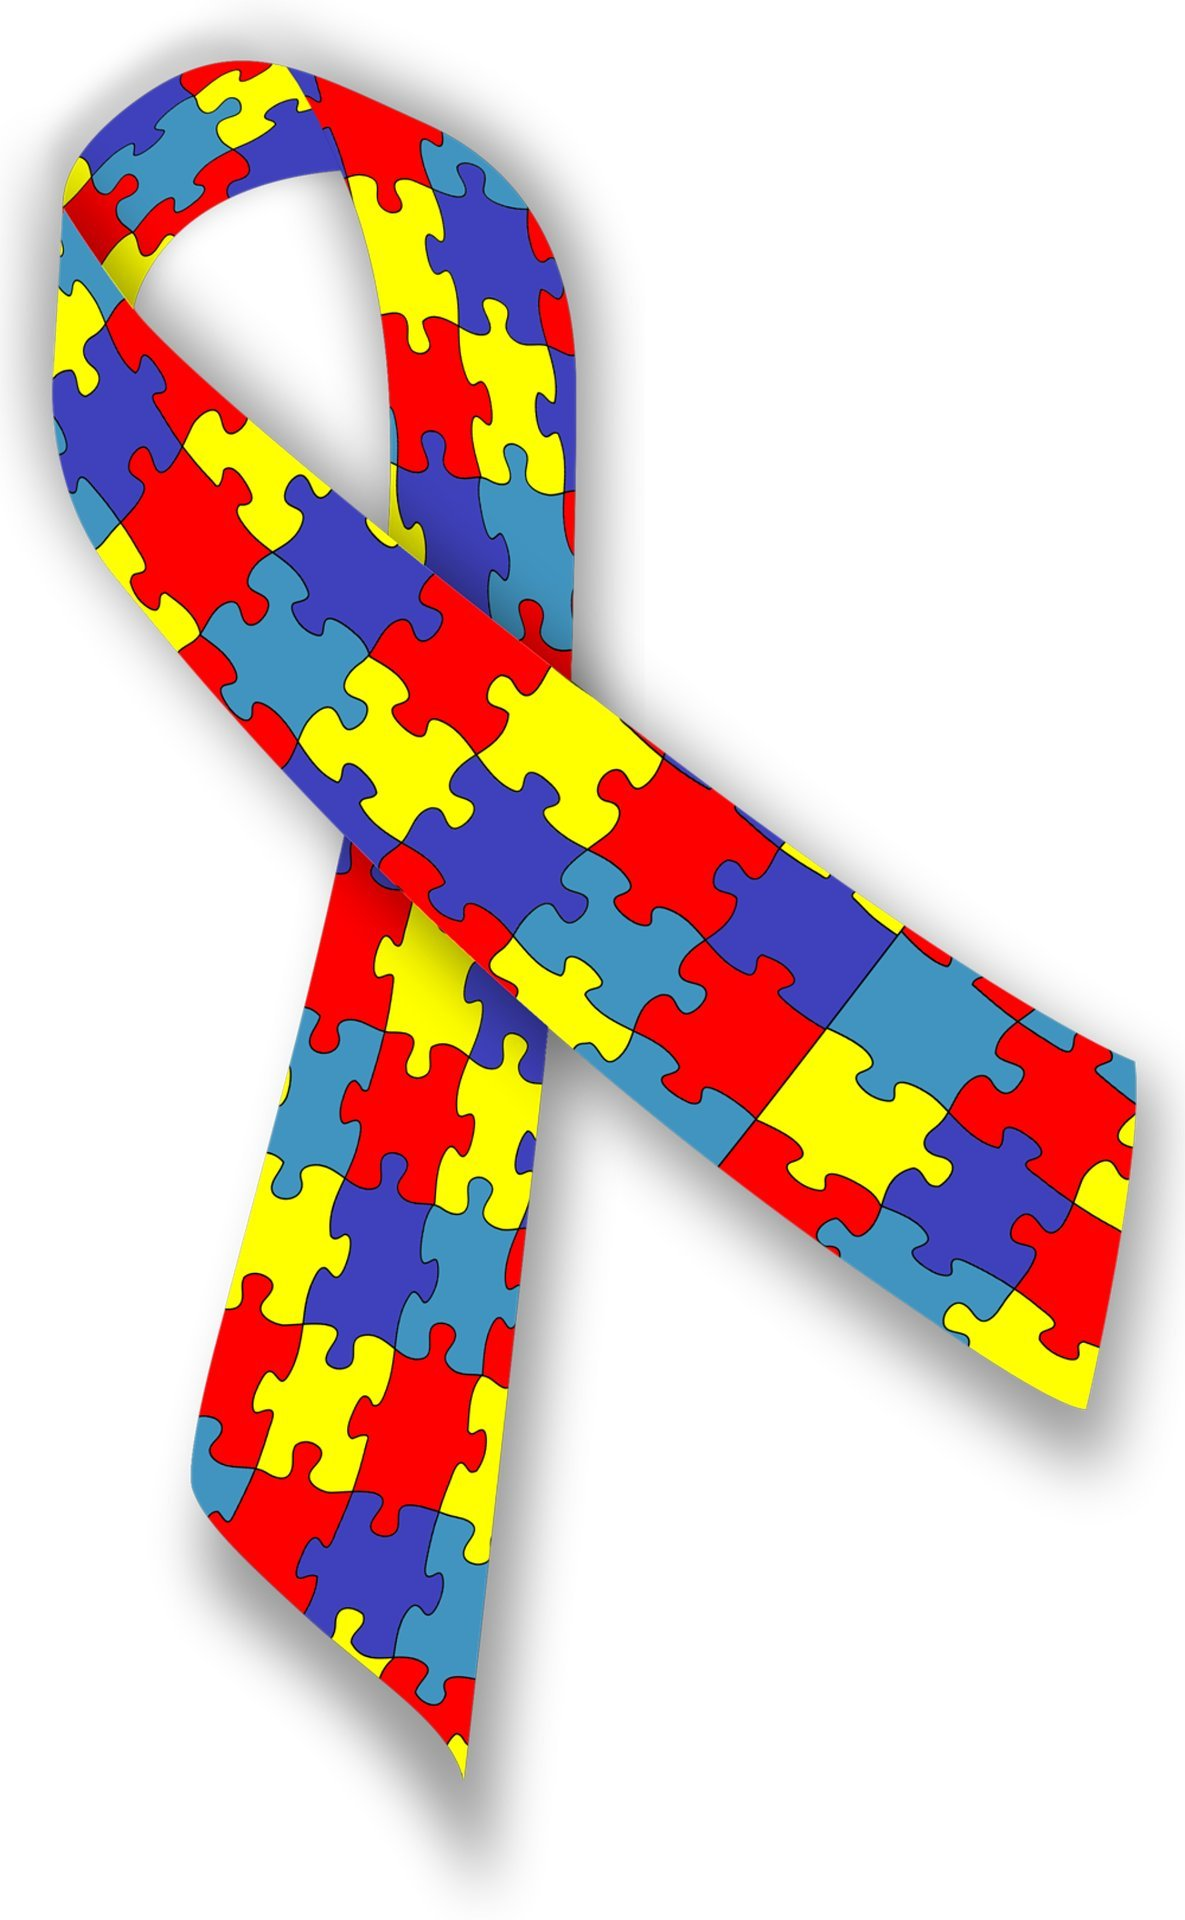 Wissenschaftler entdecken zugrunde liegenden genetischen Mechanismus, der dazu führt, Motorische Probleme bei Kindern mit Autismus-Spektrum-Störungen